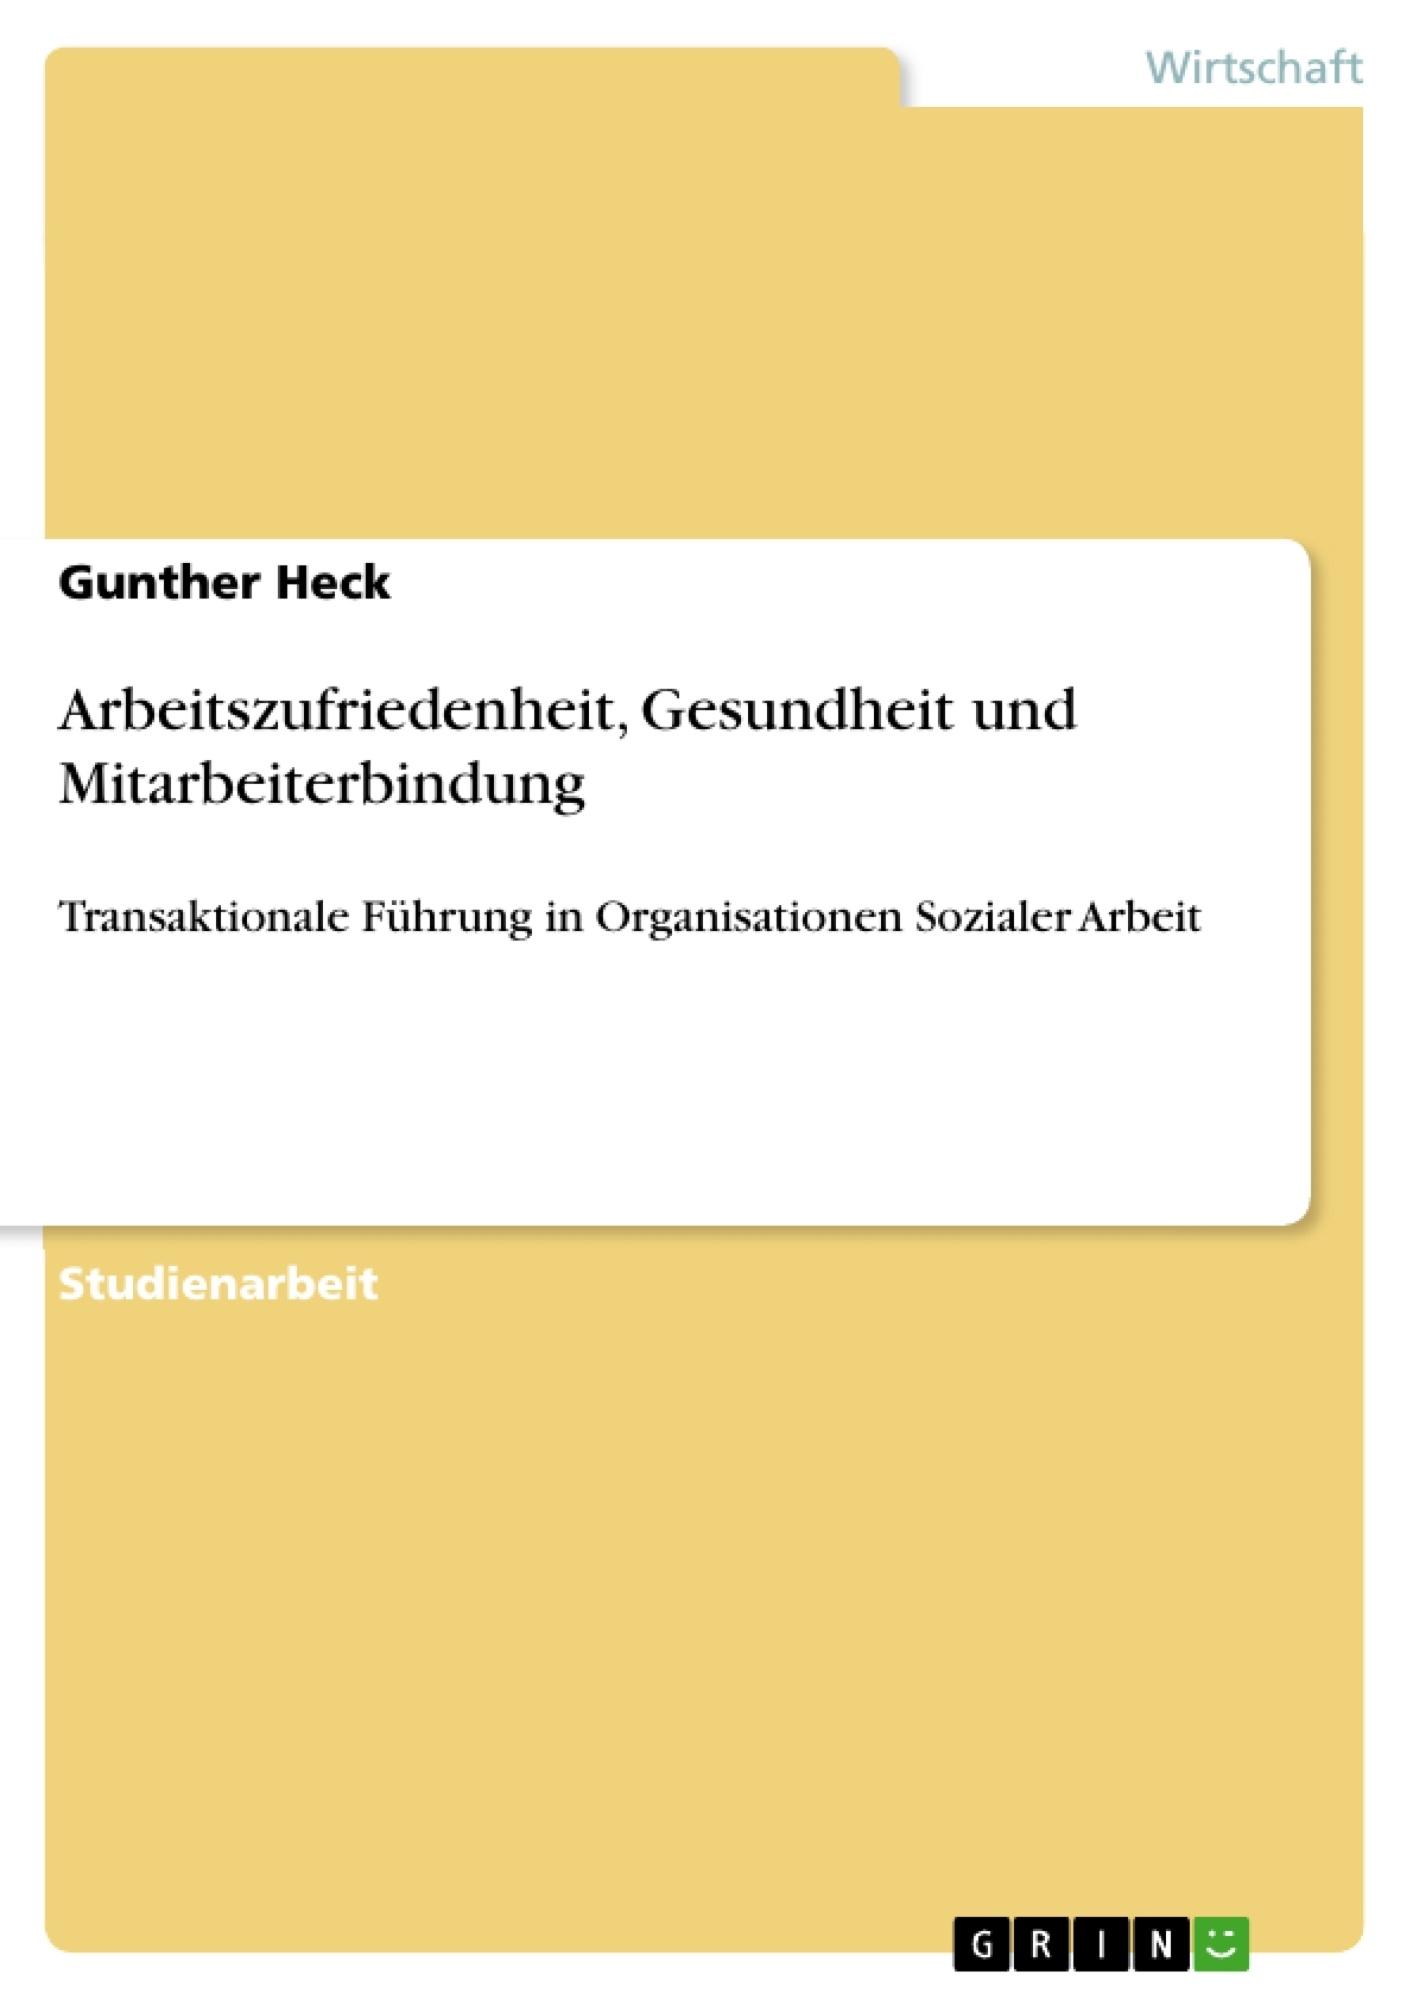 Titel: Arbeitszufriedenheit, Gesundheit und Mitarbeiterbindung